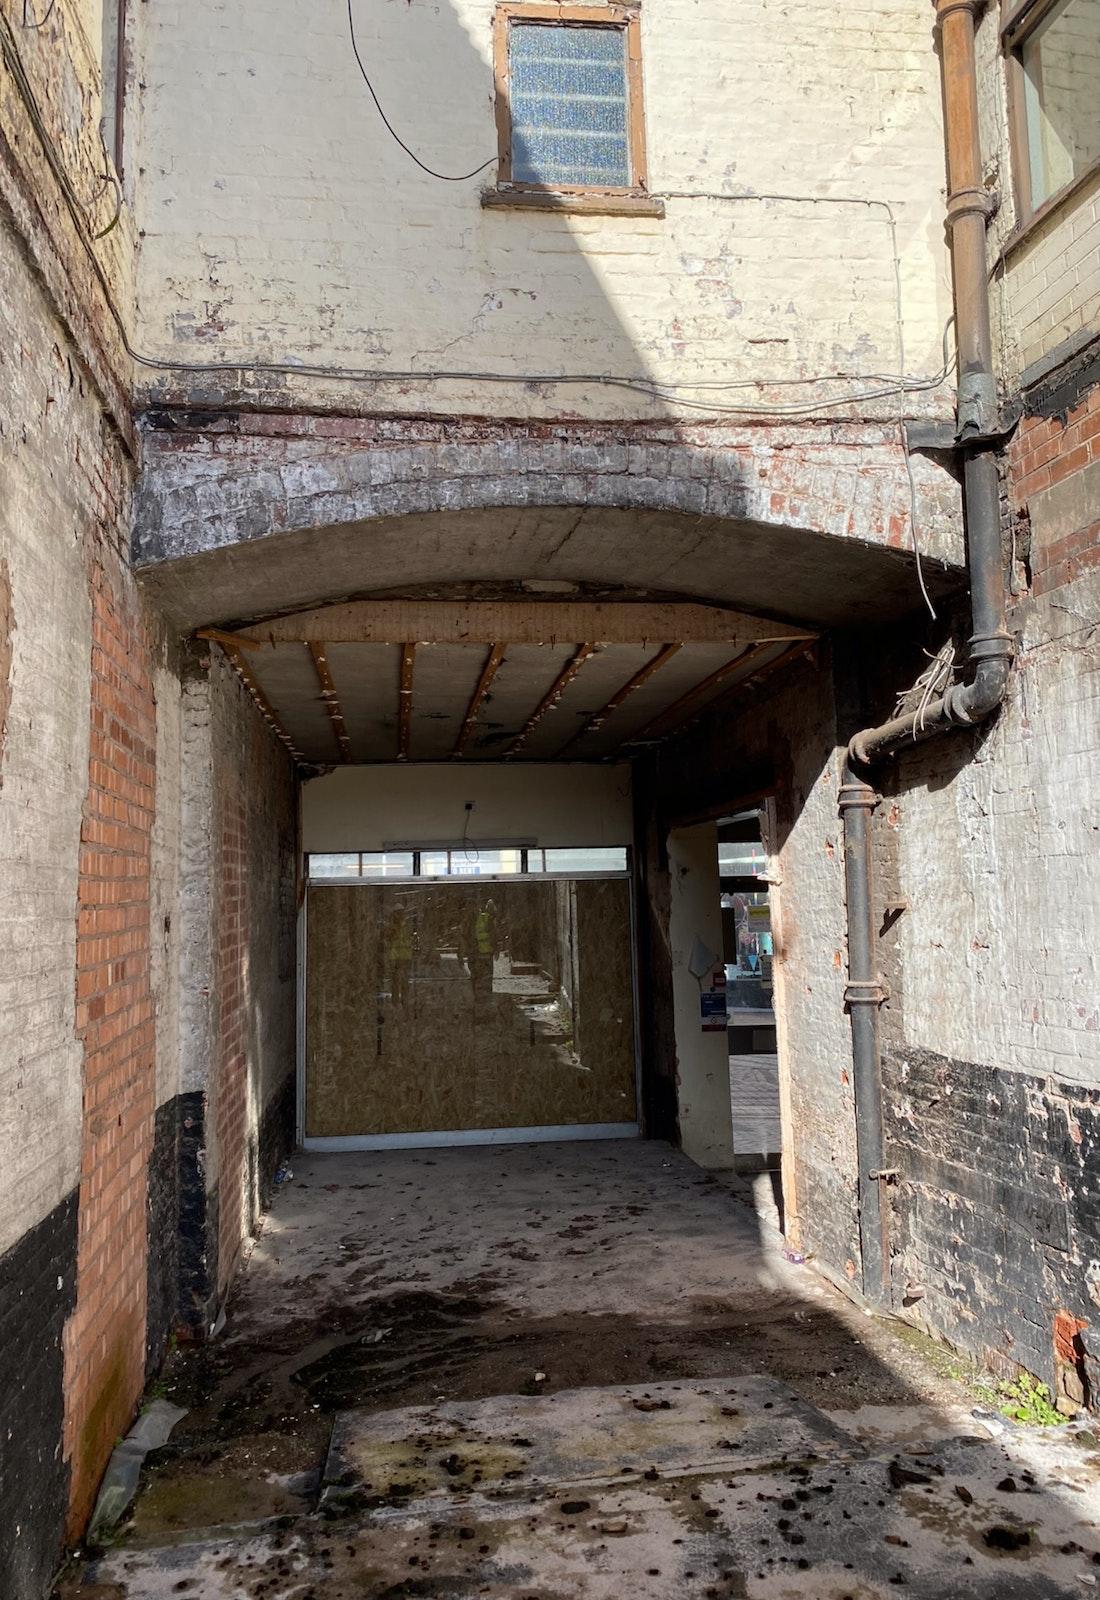 Skittle Alley revealed